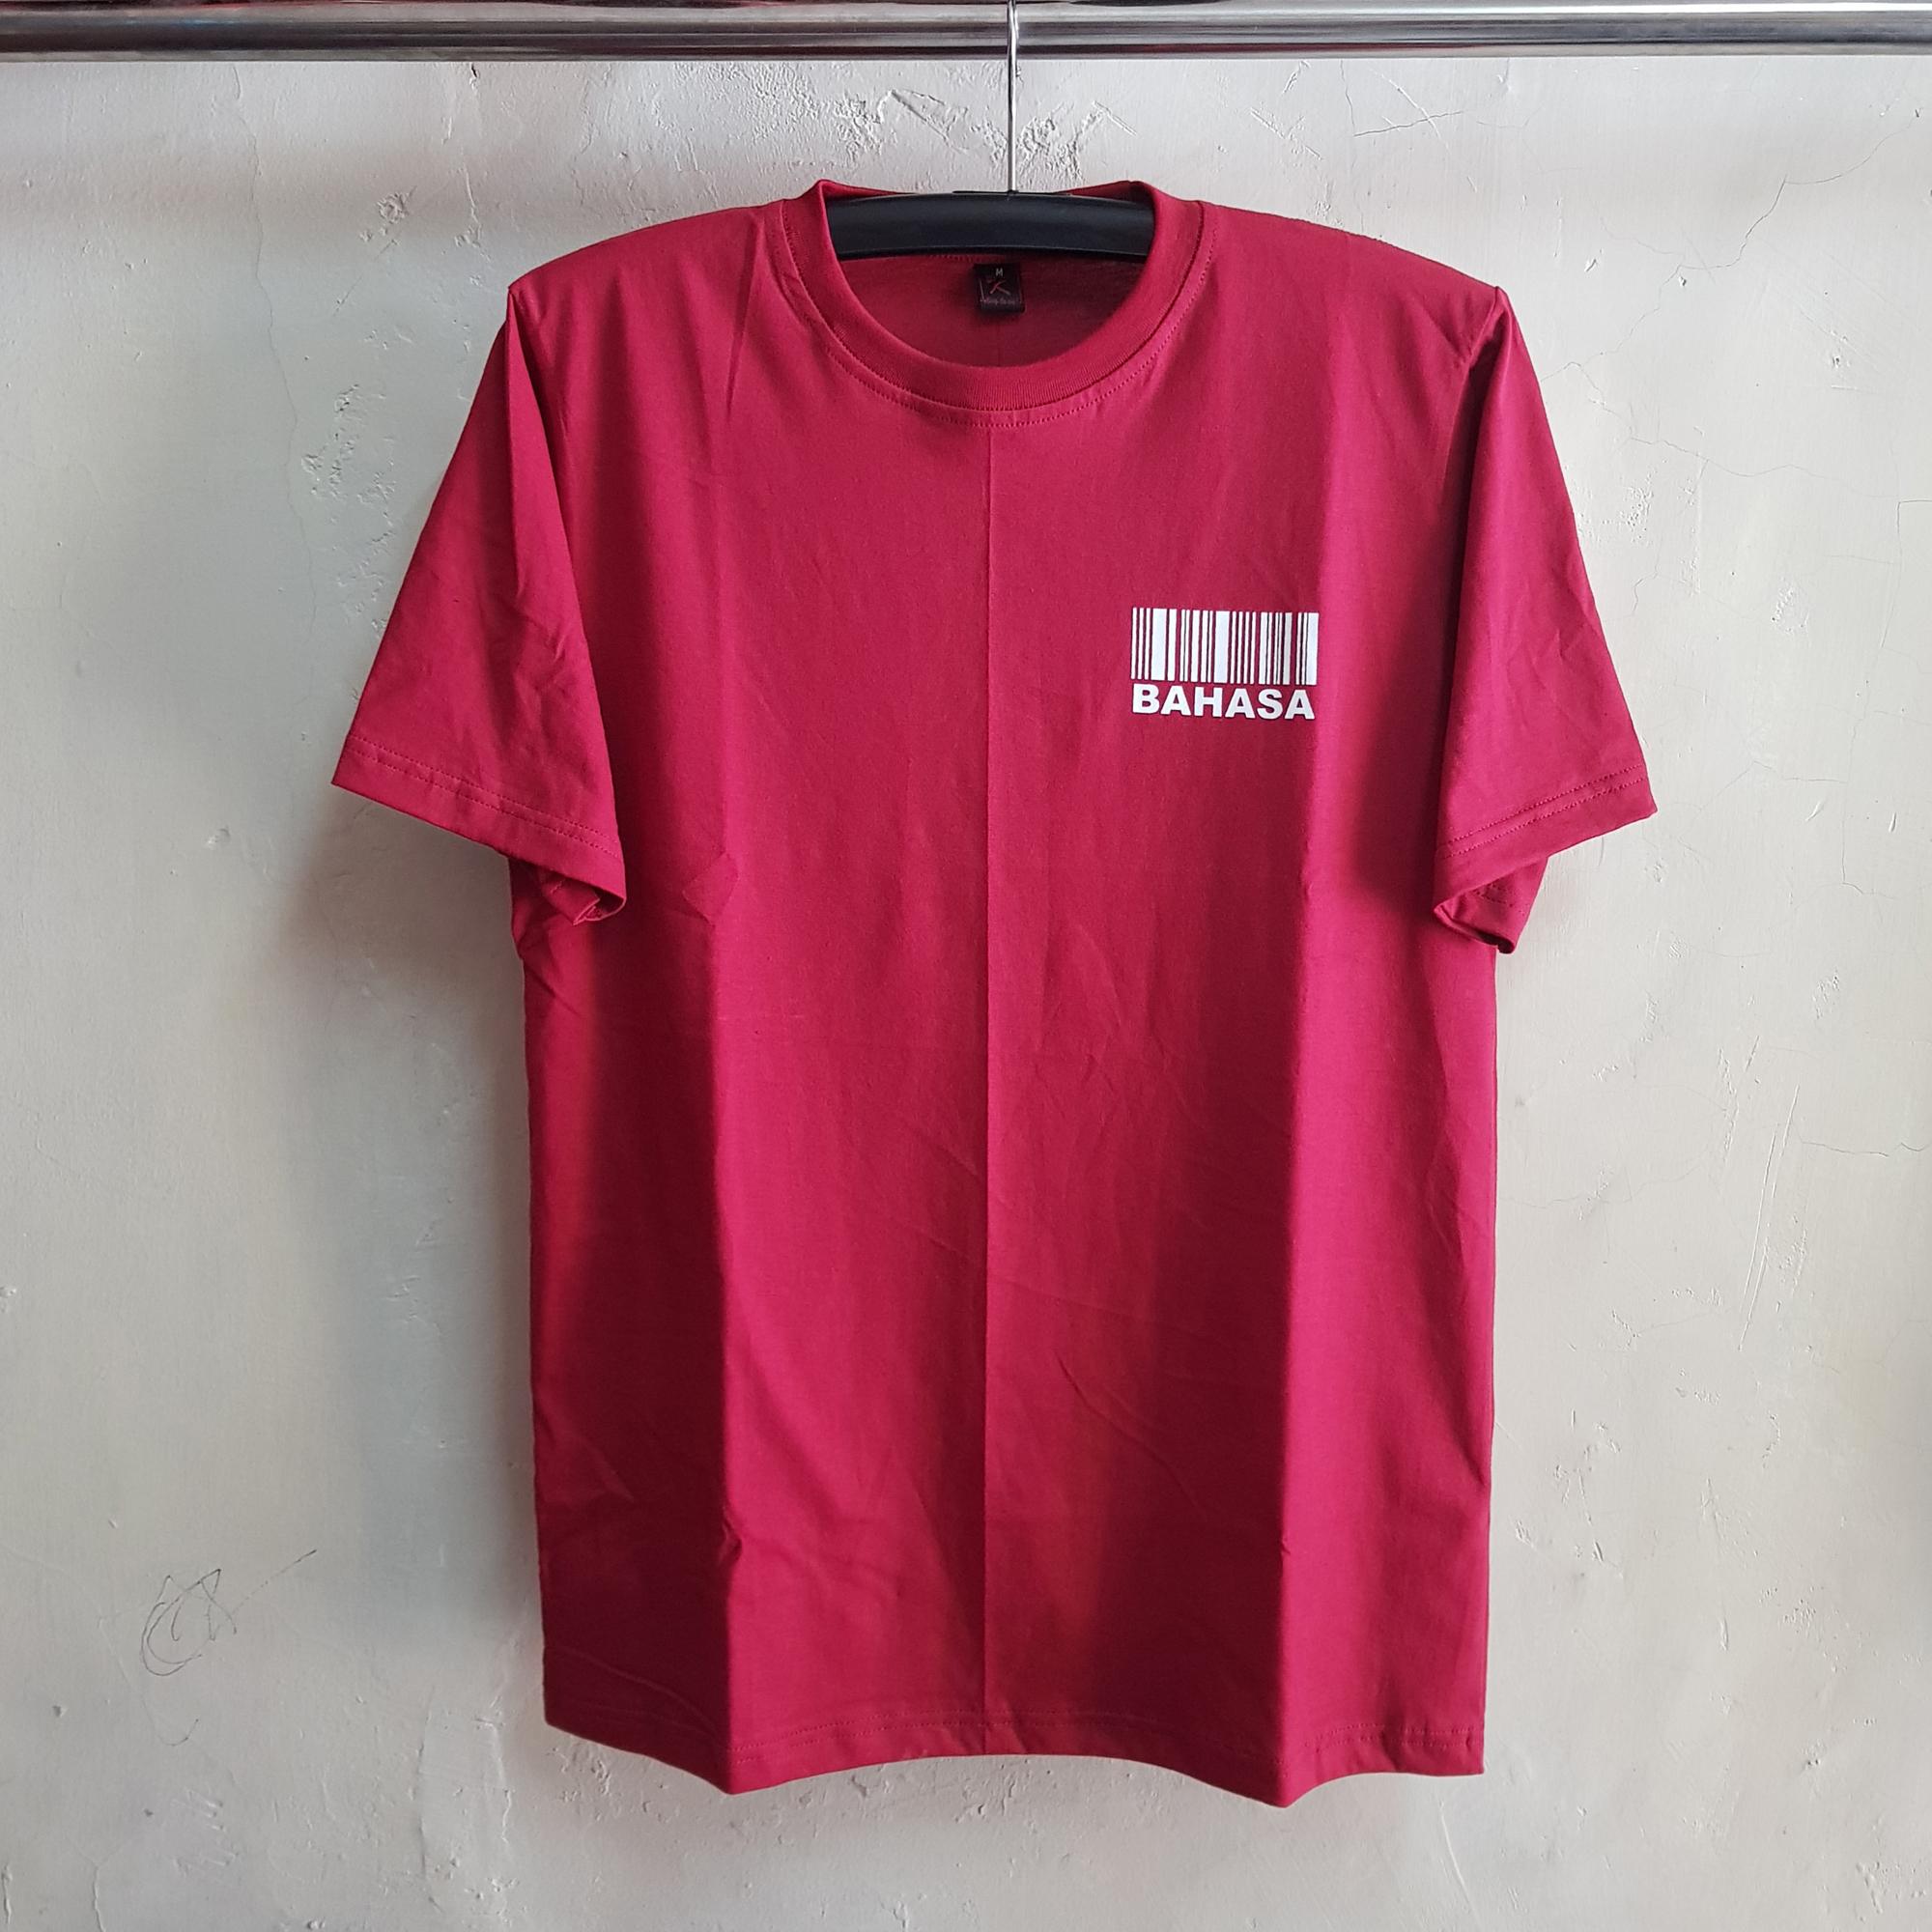 Kaos Kelas Bahasa, Seragam Kaos Oblong